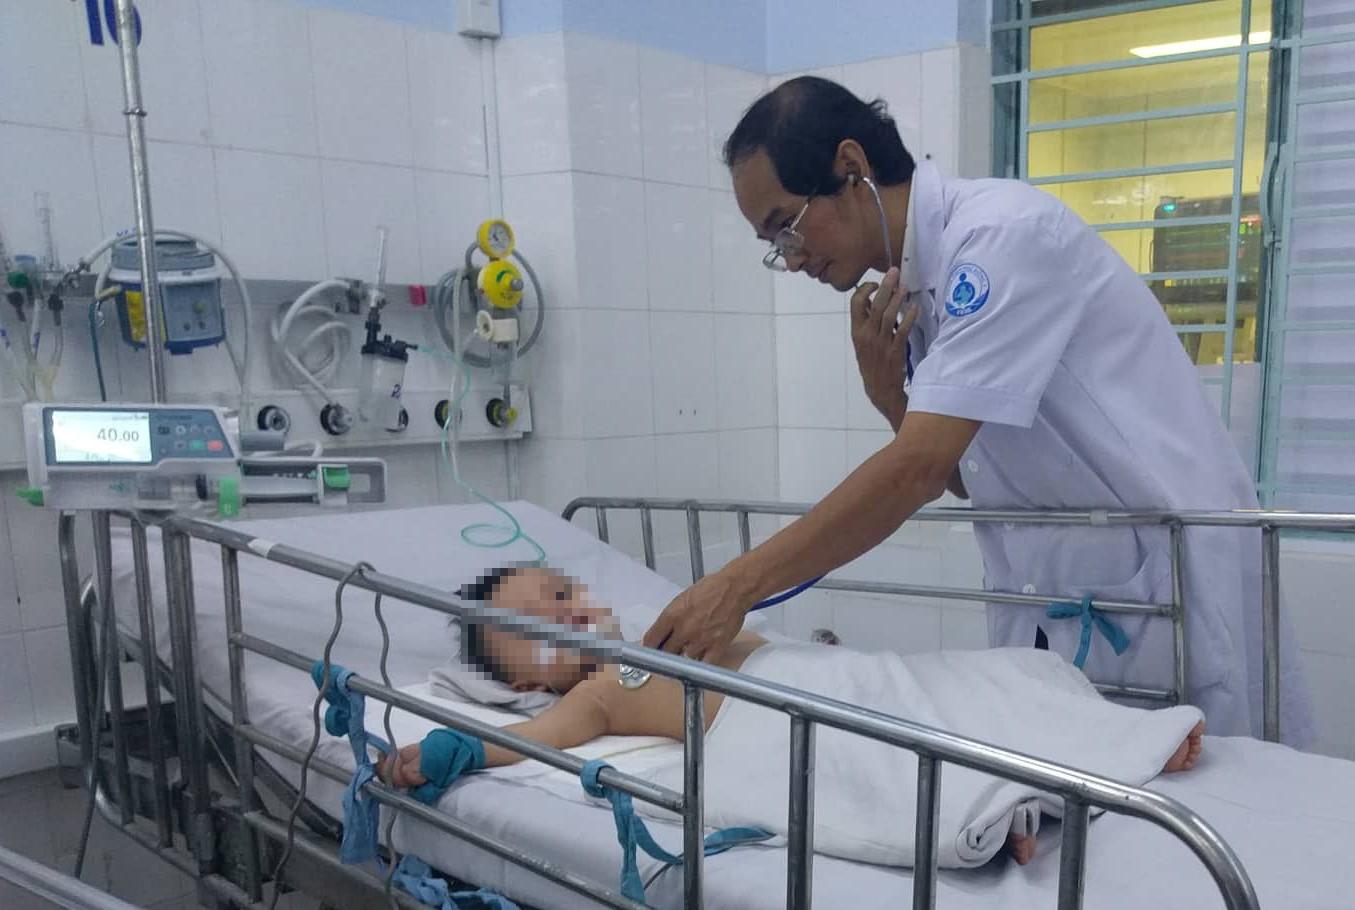 Bác sĩ Sài Gòn hội chẩn qua smartphone, cứu hai bé trai nguy kịch vì biến chứng bệnh tay chân miệng - Ảnh 2